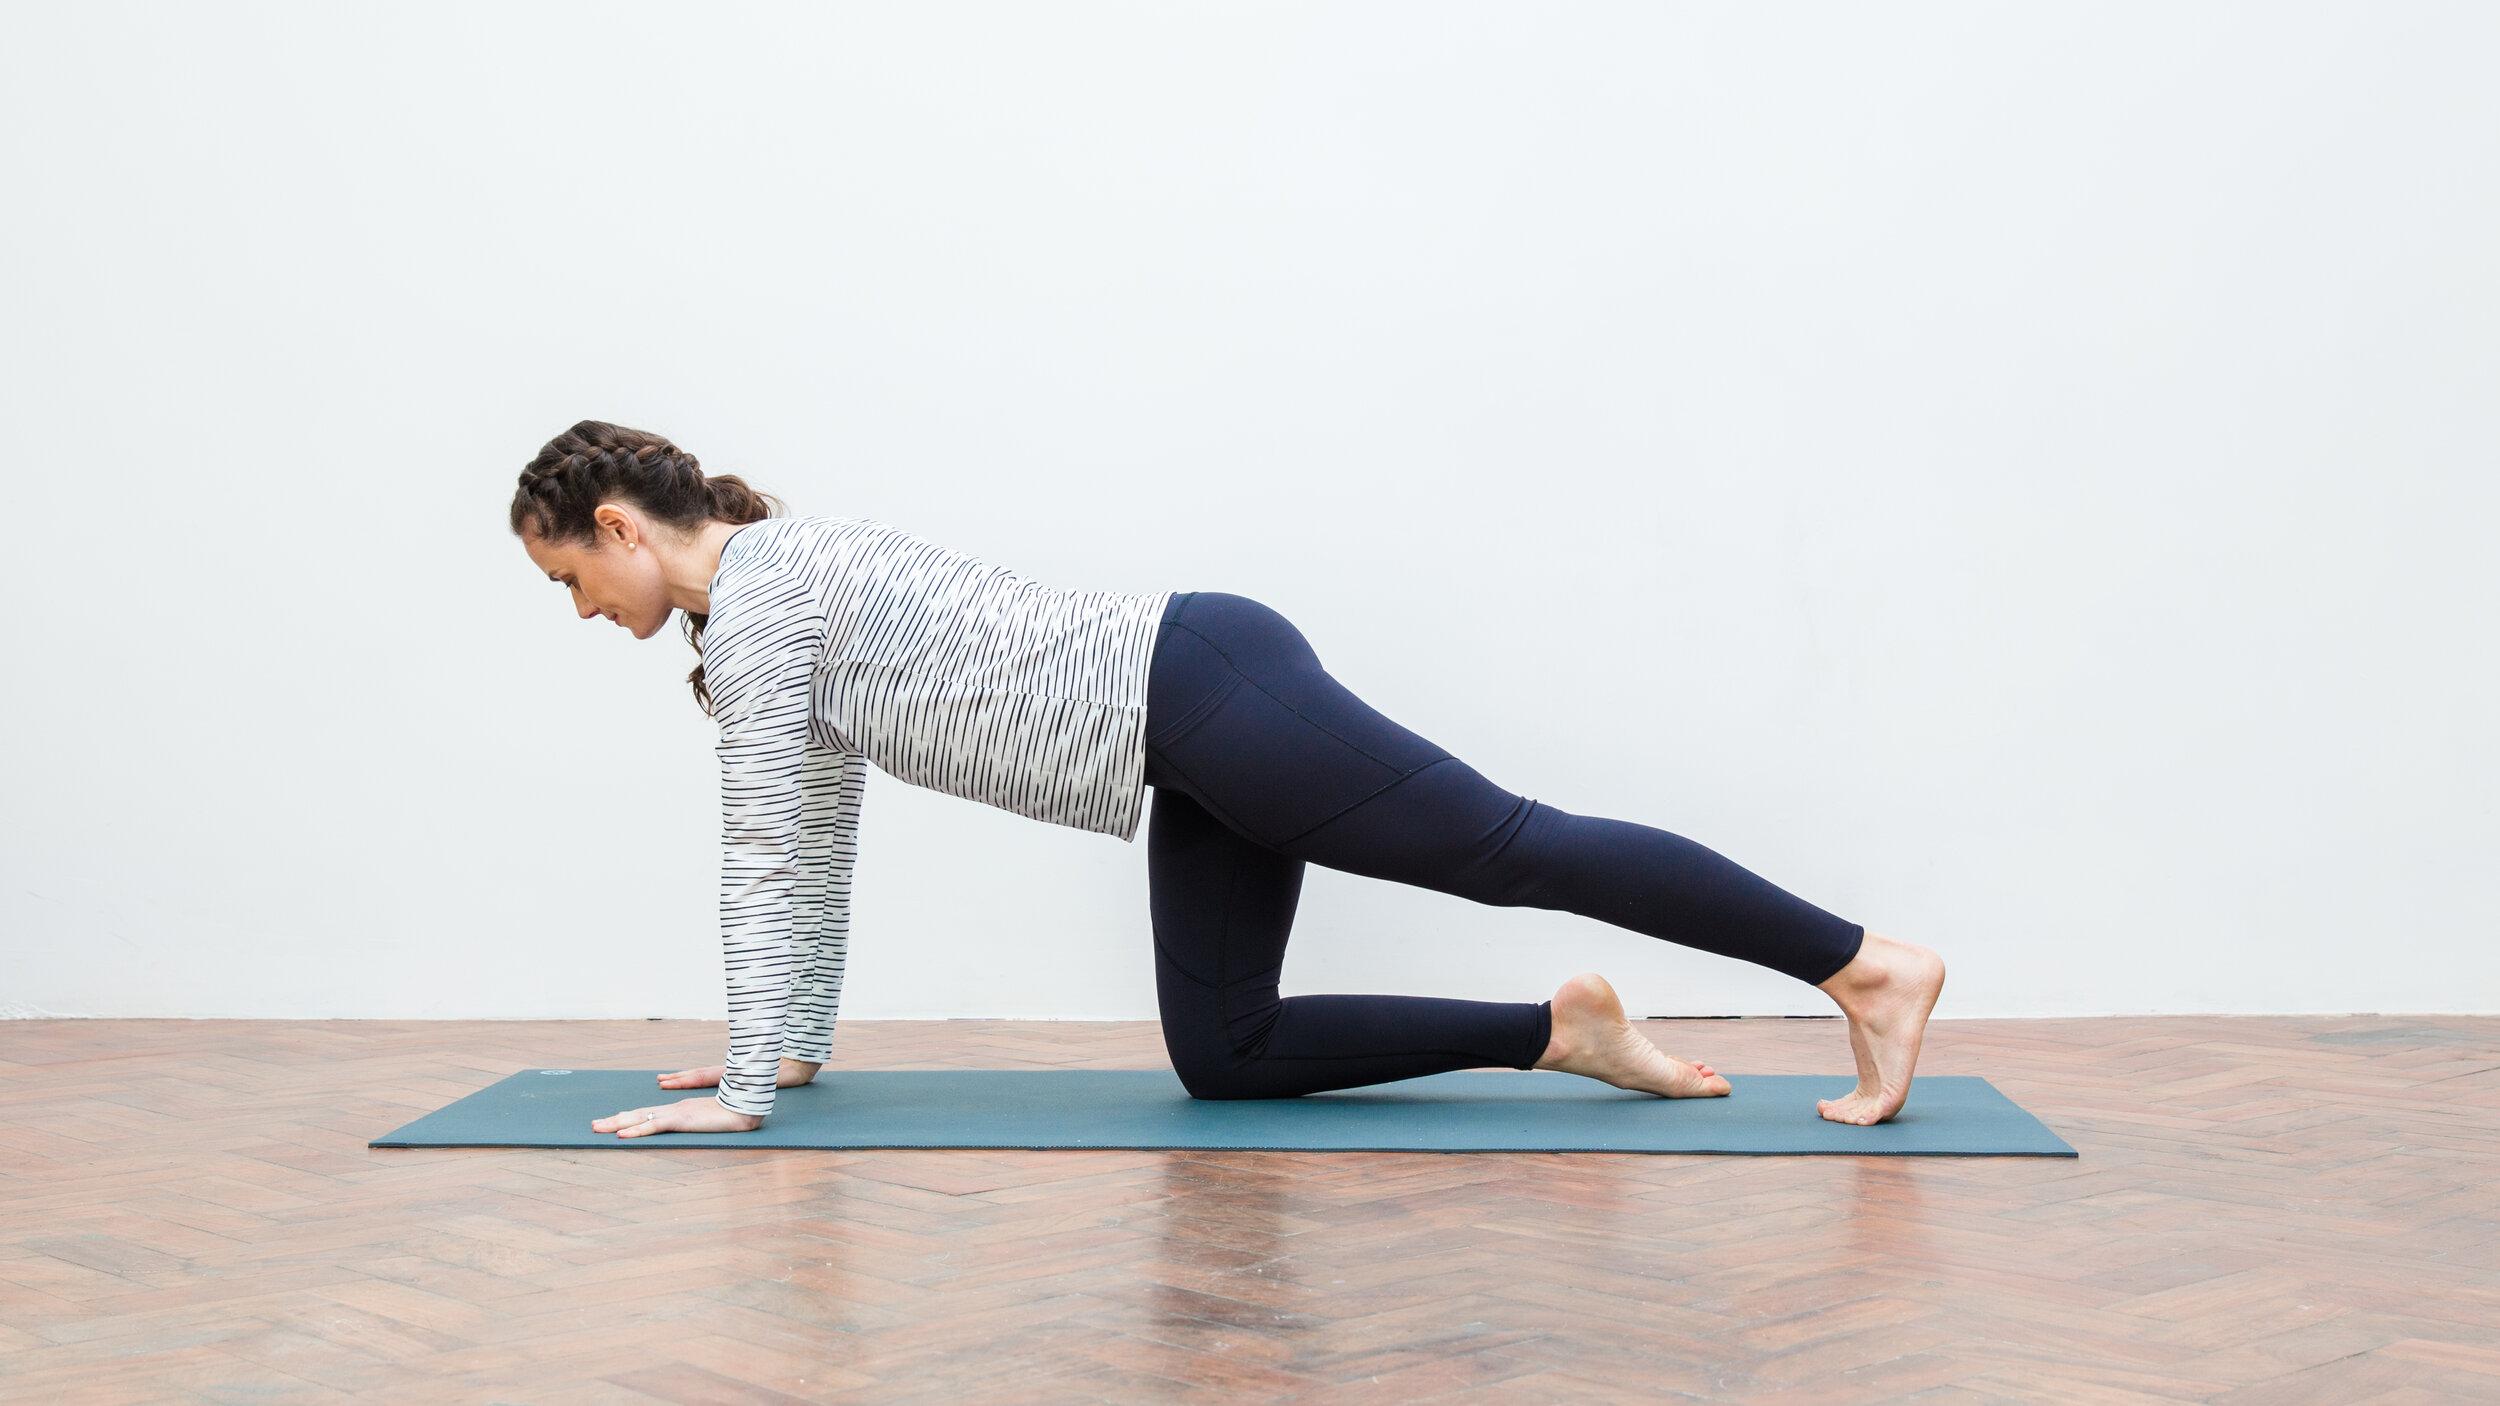 FULL BODY MOBILITY - DO NOW